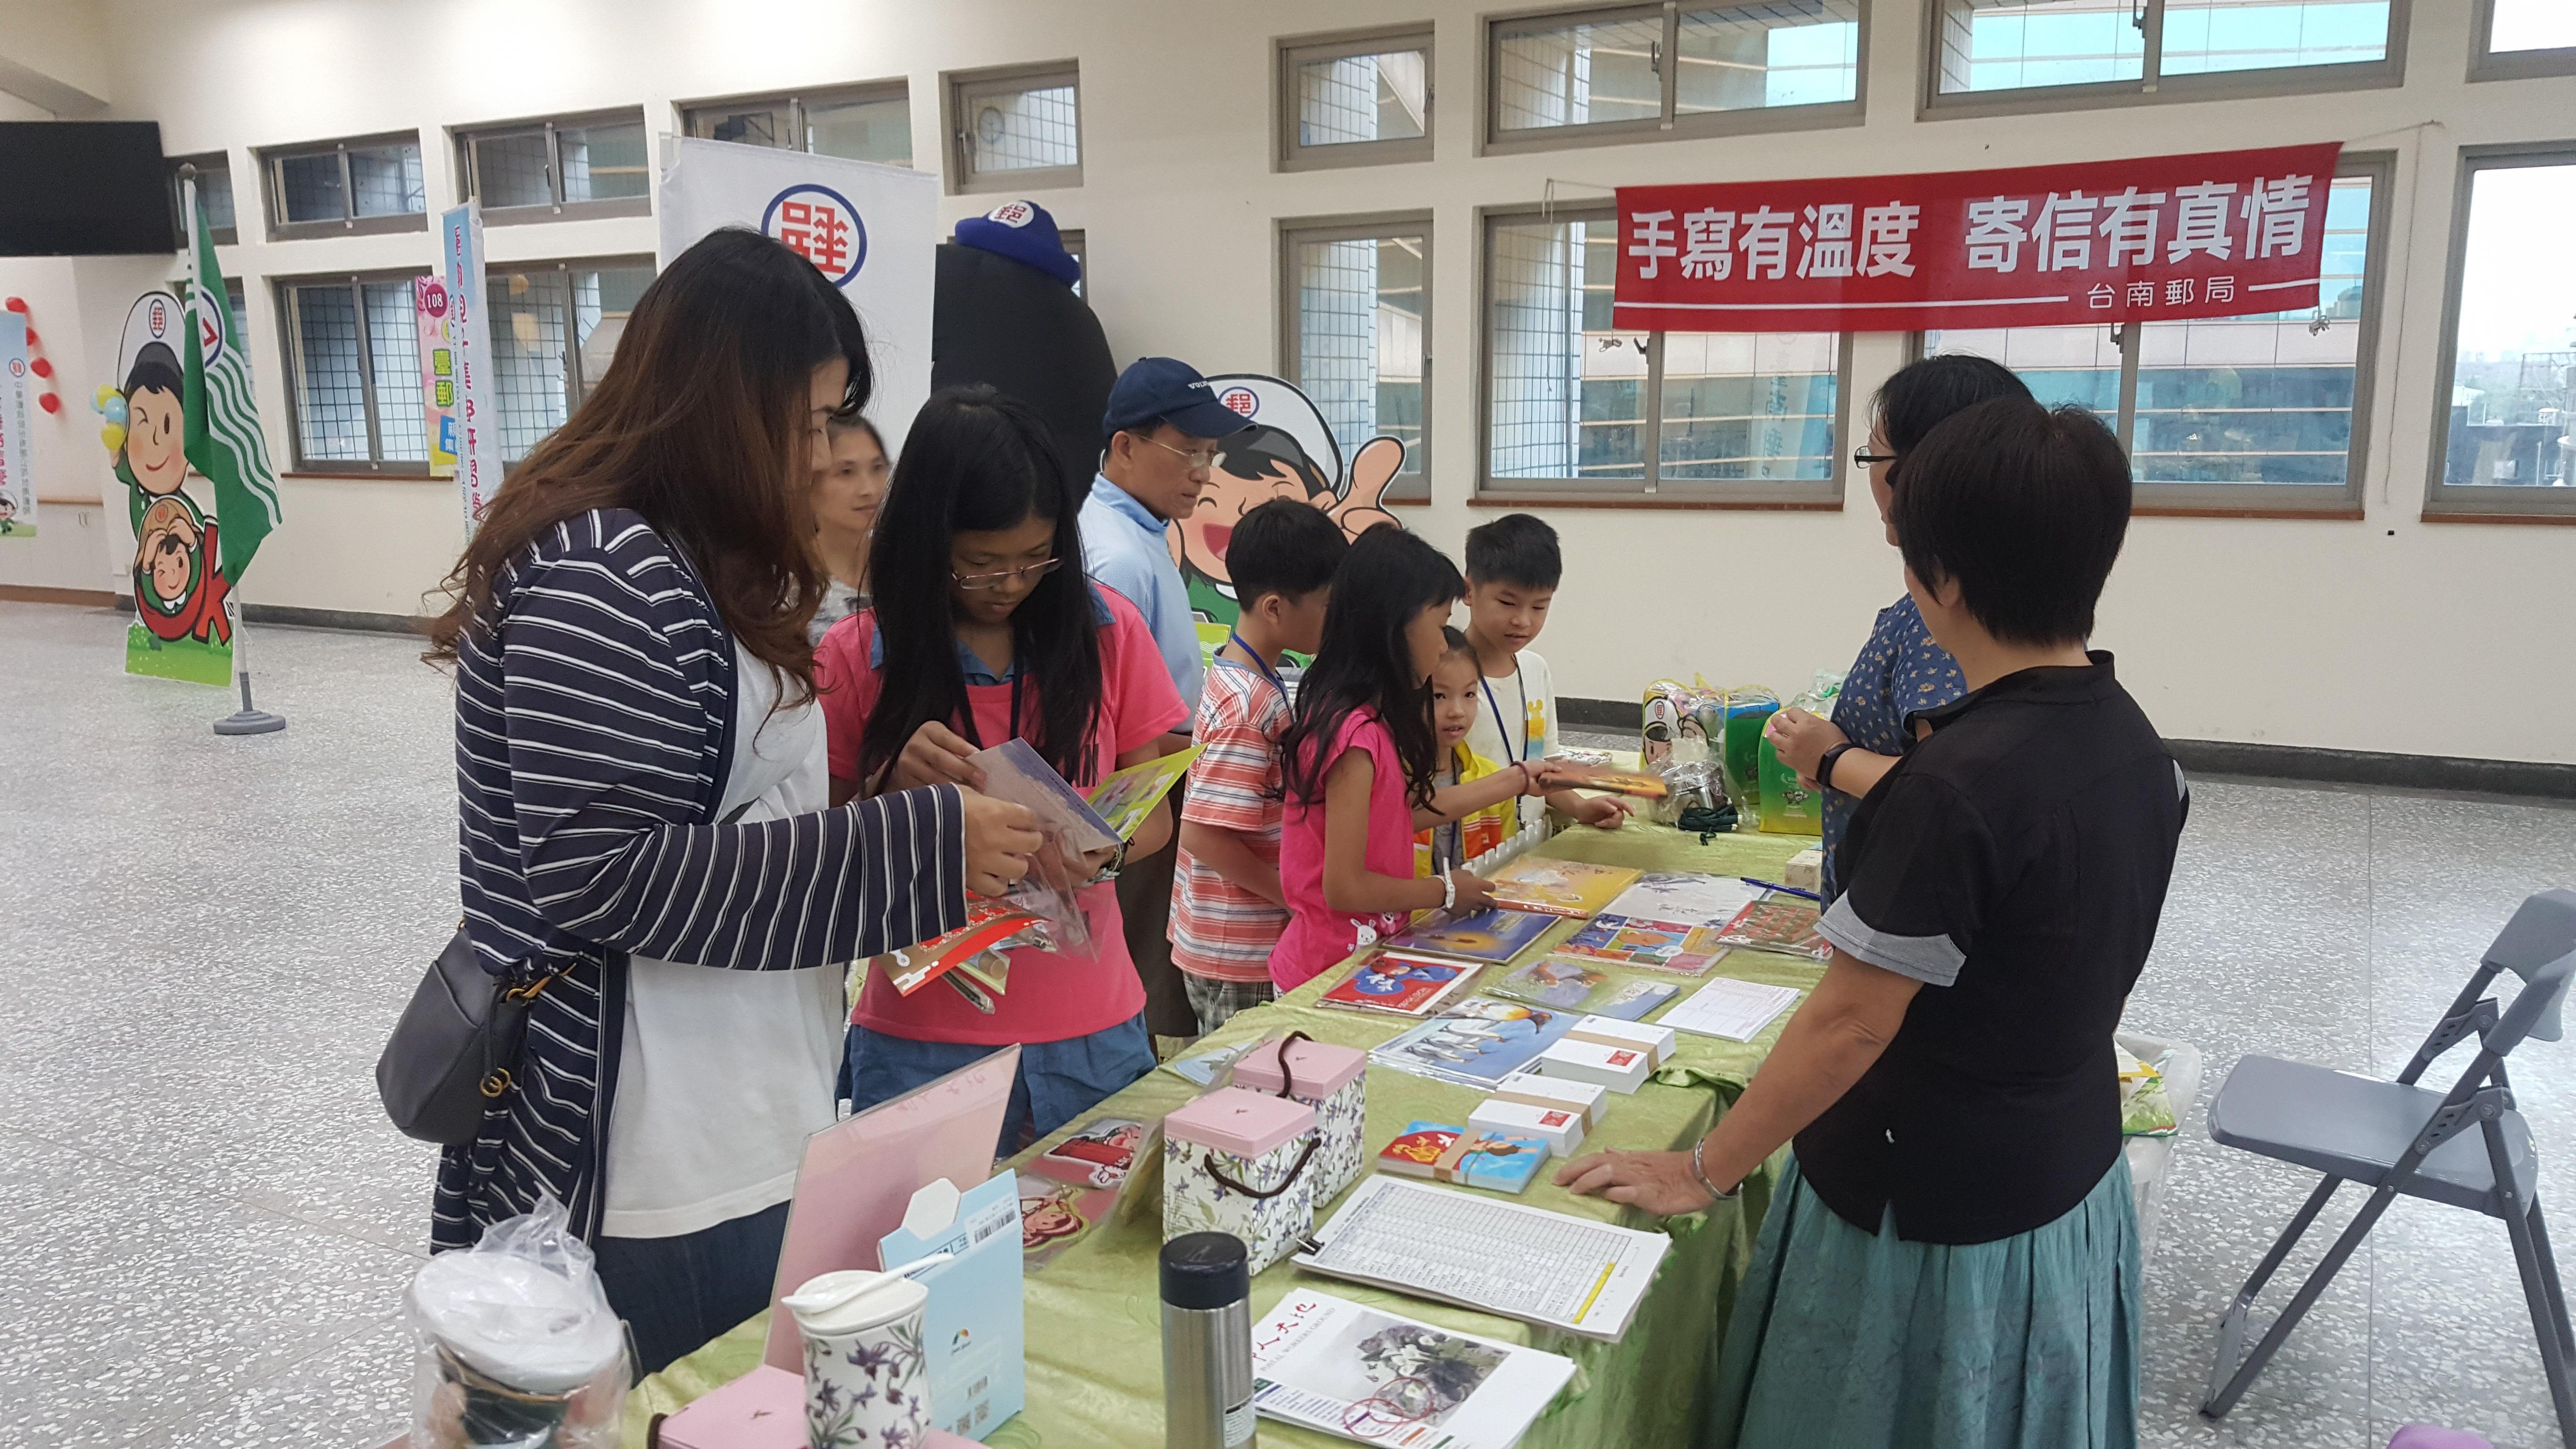 臺南郵局108年暑期親子集郵研習營活動